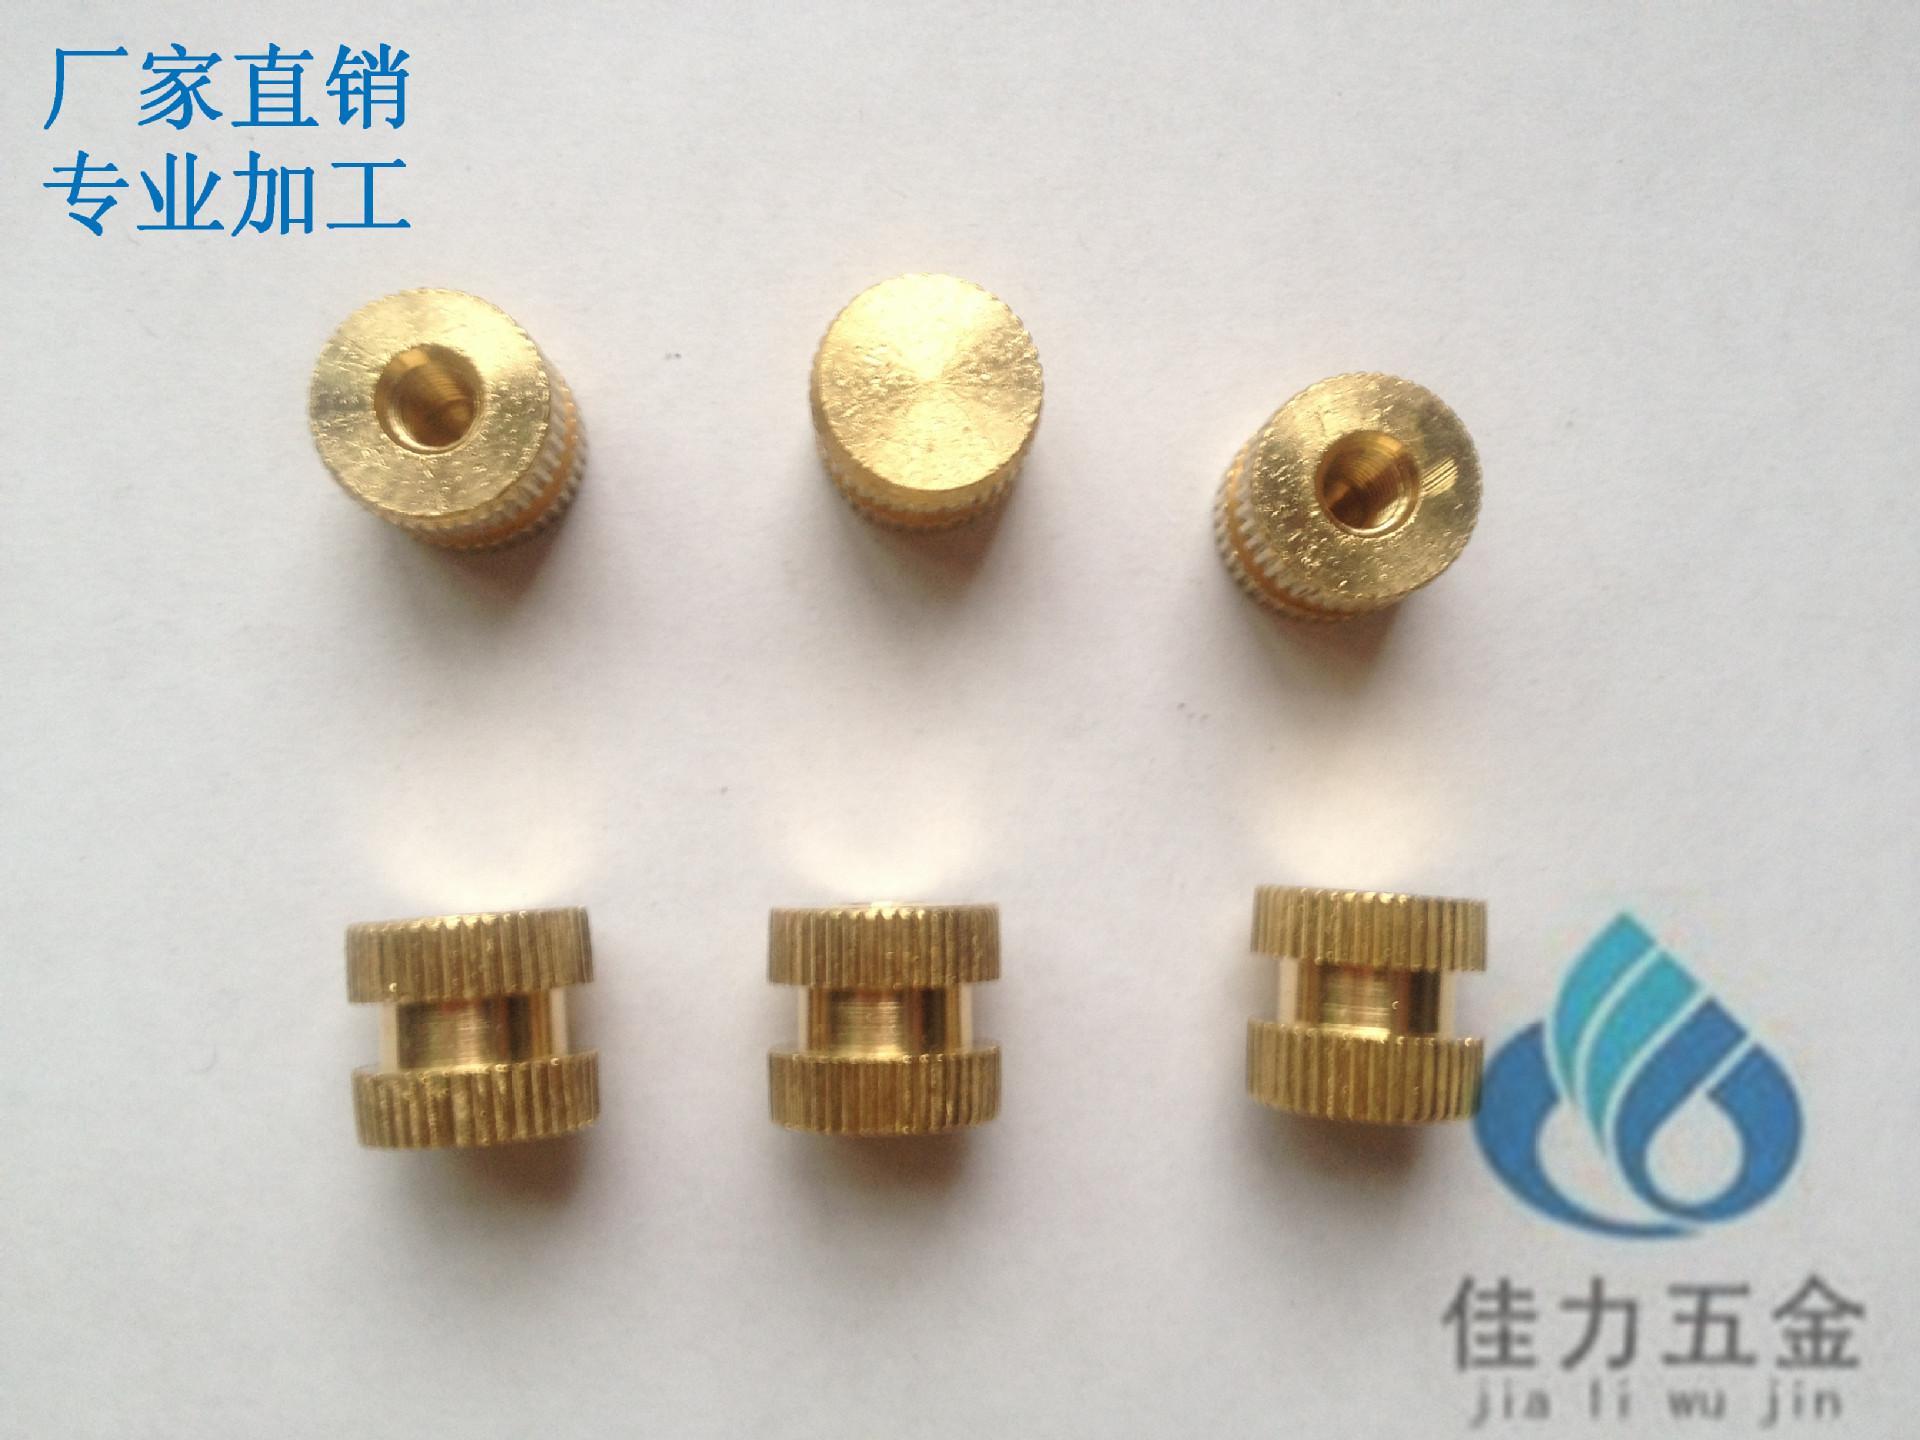 支持订制、专业加工 蕾丝柱、紧固件、铜嵌件、